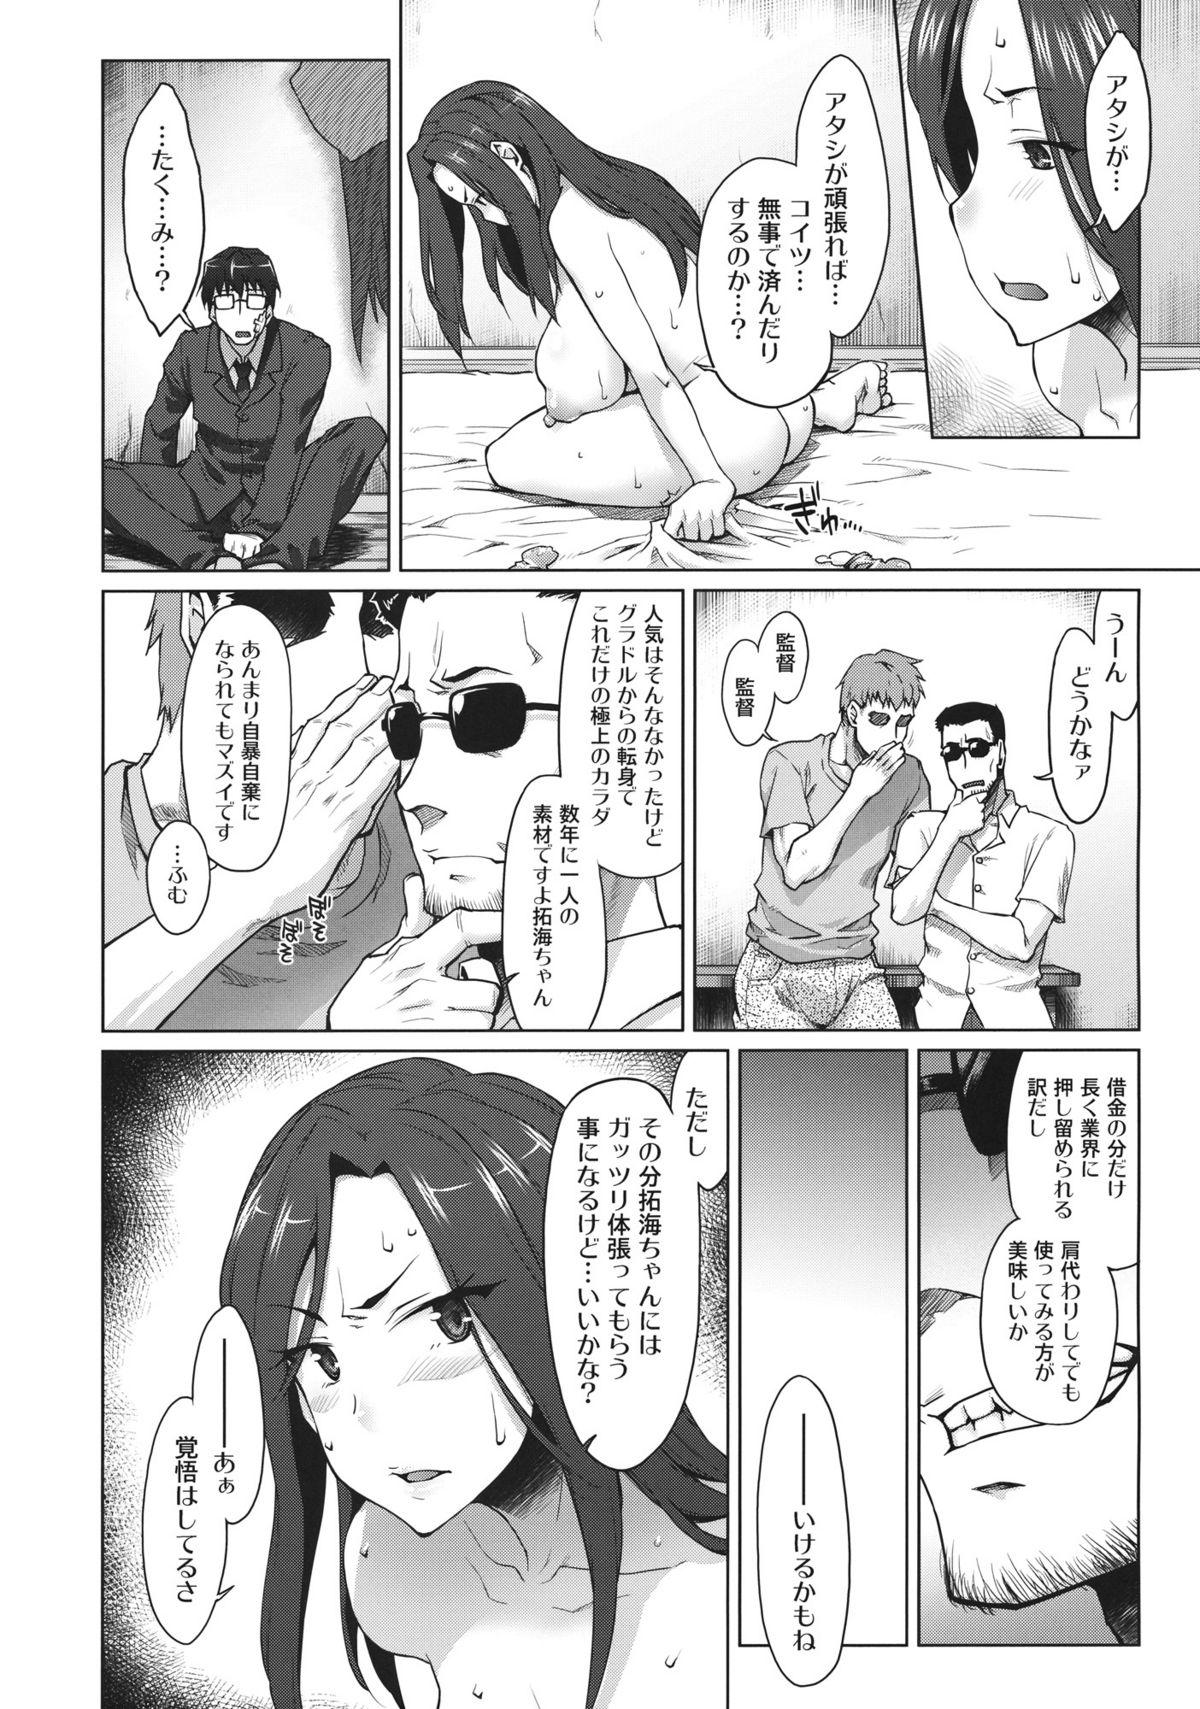 Kaikin! Bakunyuu Nama Dashi Mukai Takumi 16